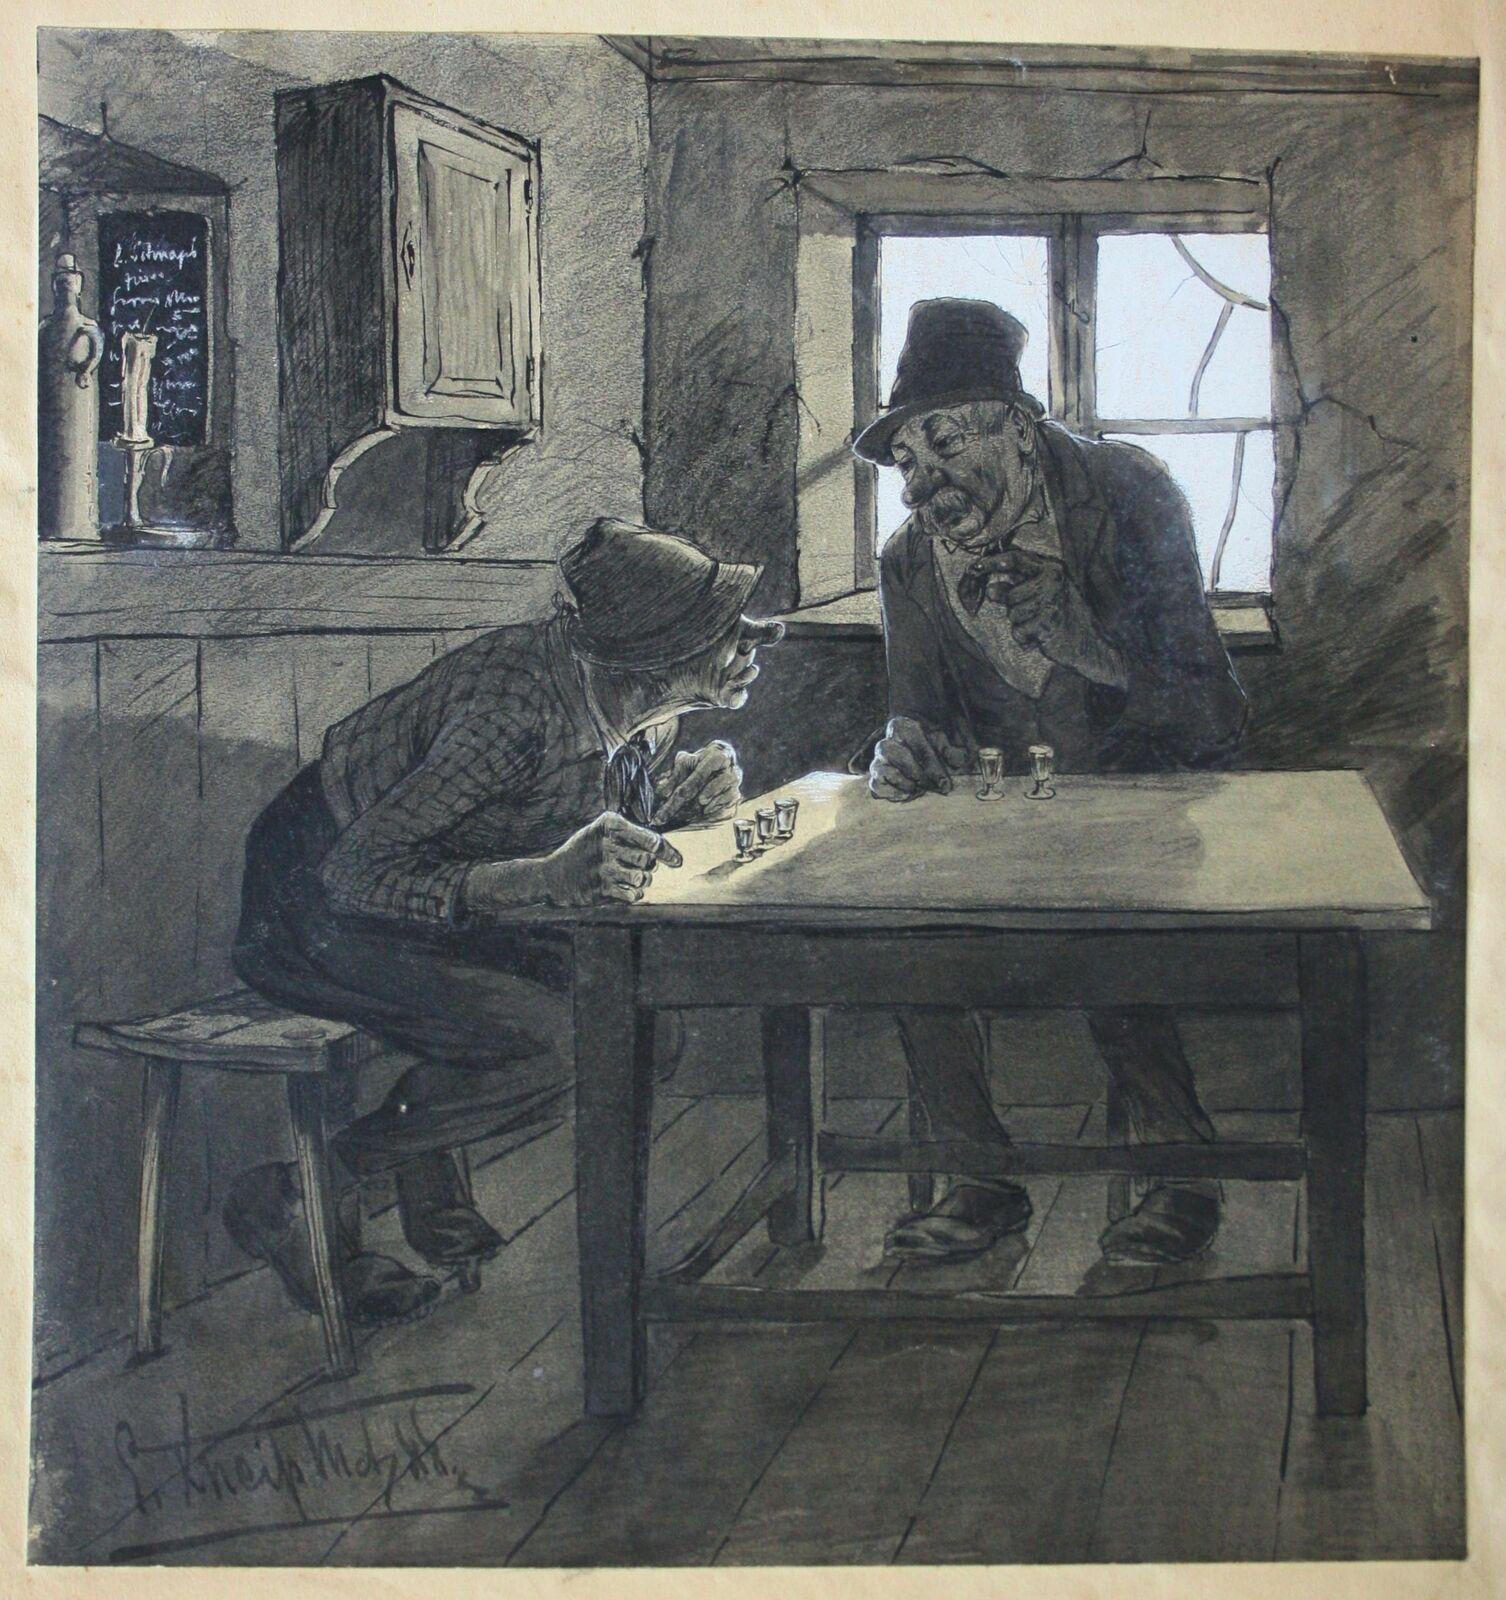 """In der originalen Zeichnung hat der """"Schnapsfreund"""" zur Linken drei Stamperlgläser vor sich, sein Gegenüber jedoch zwei."""